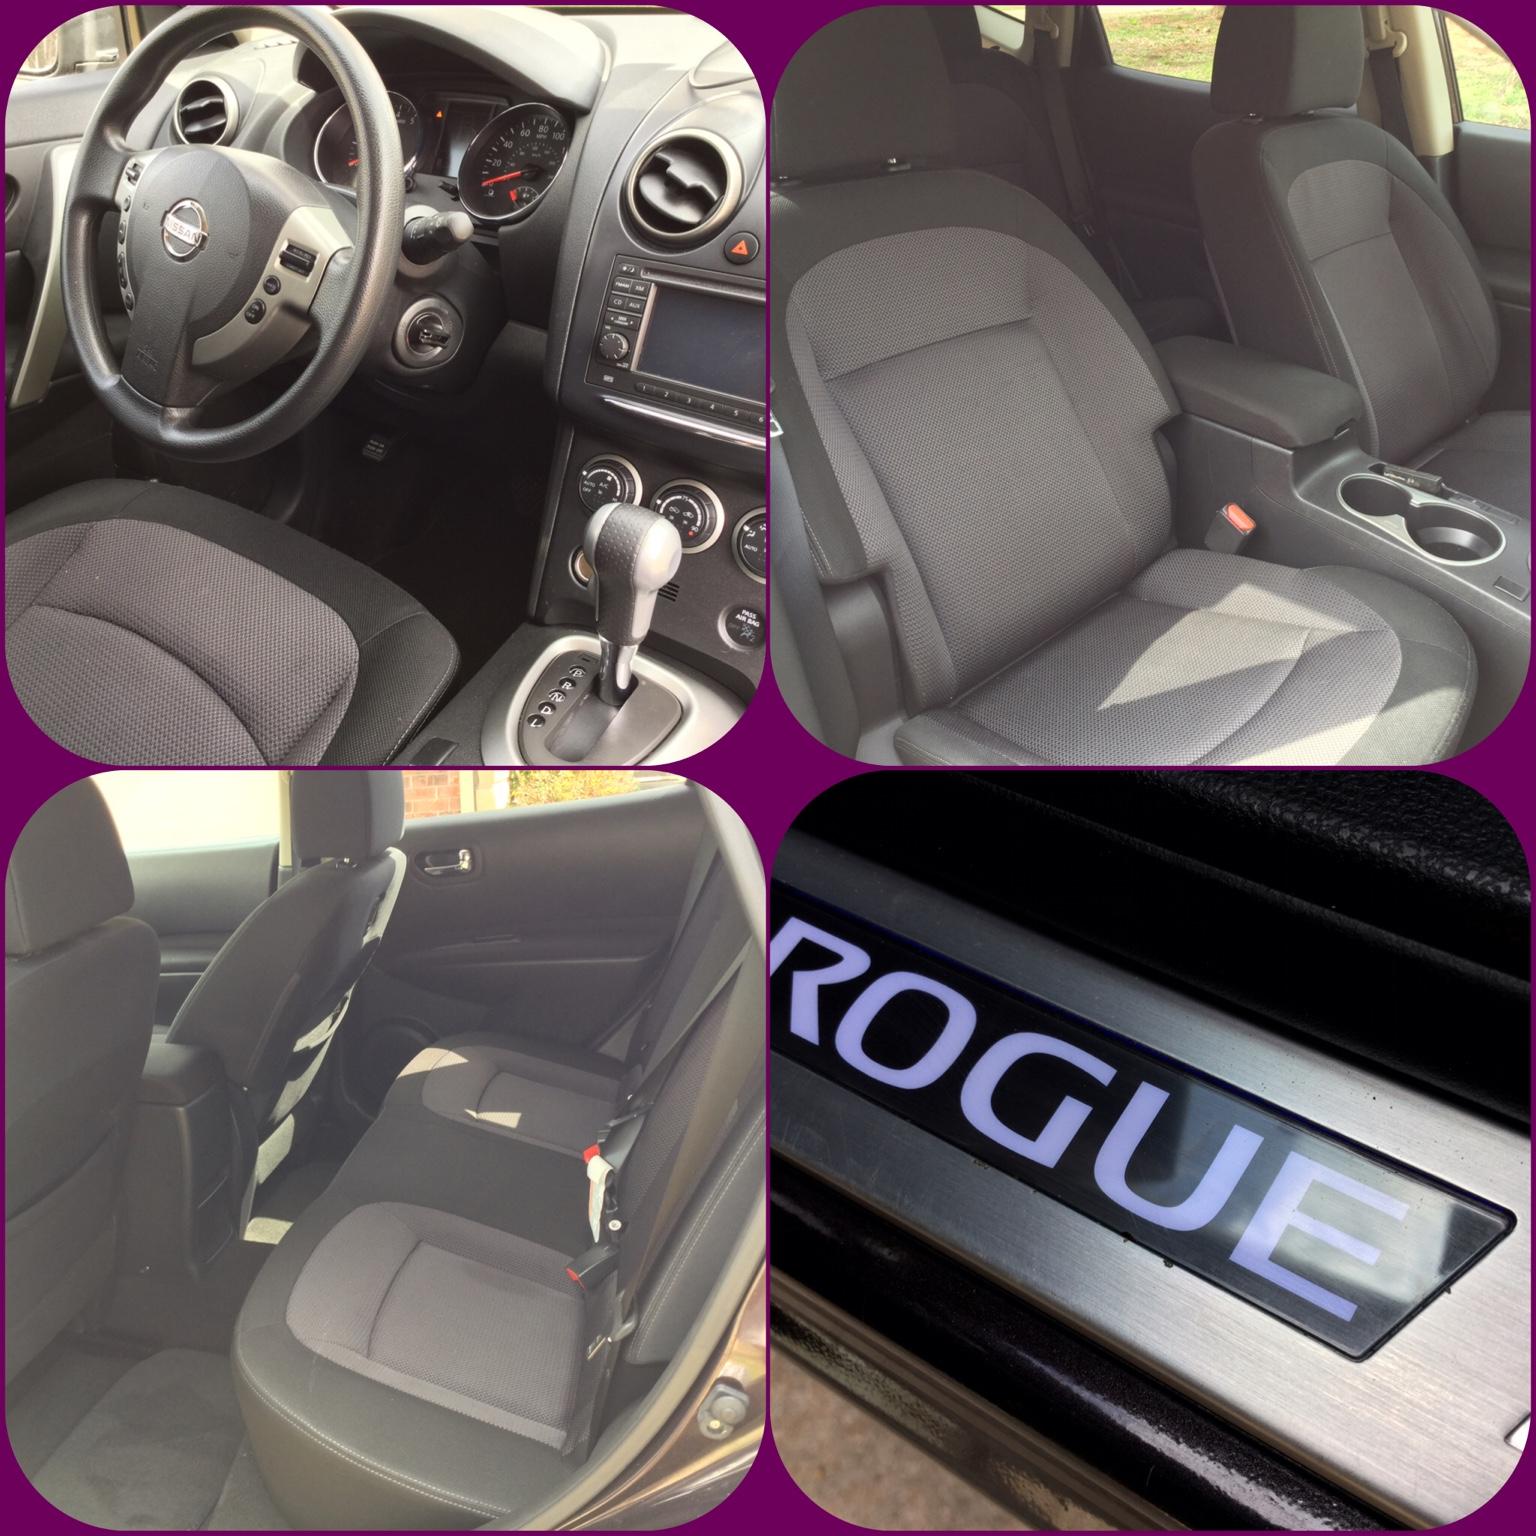 2012 Nissan Rogue Kicker Q Class